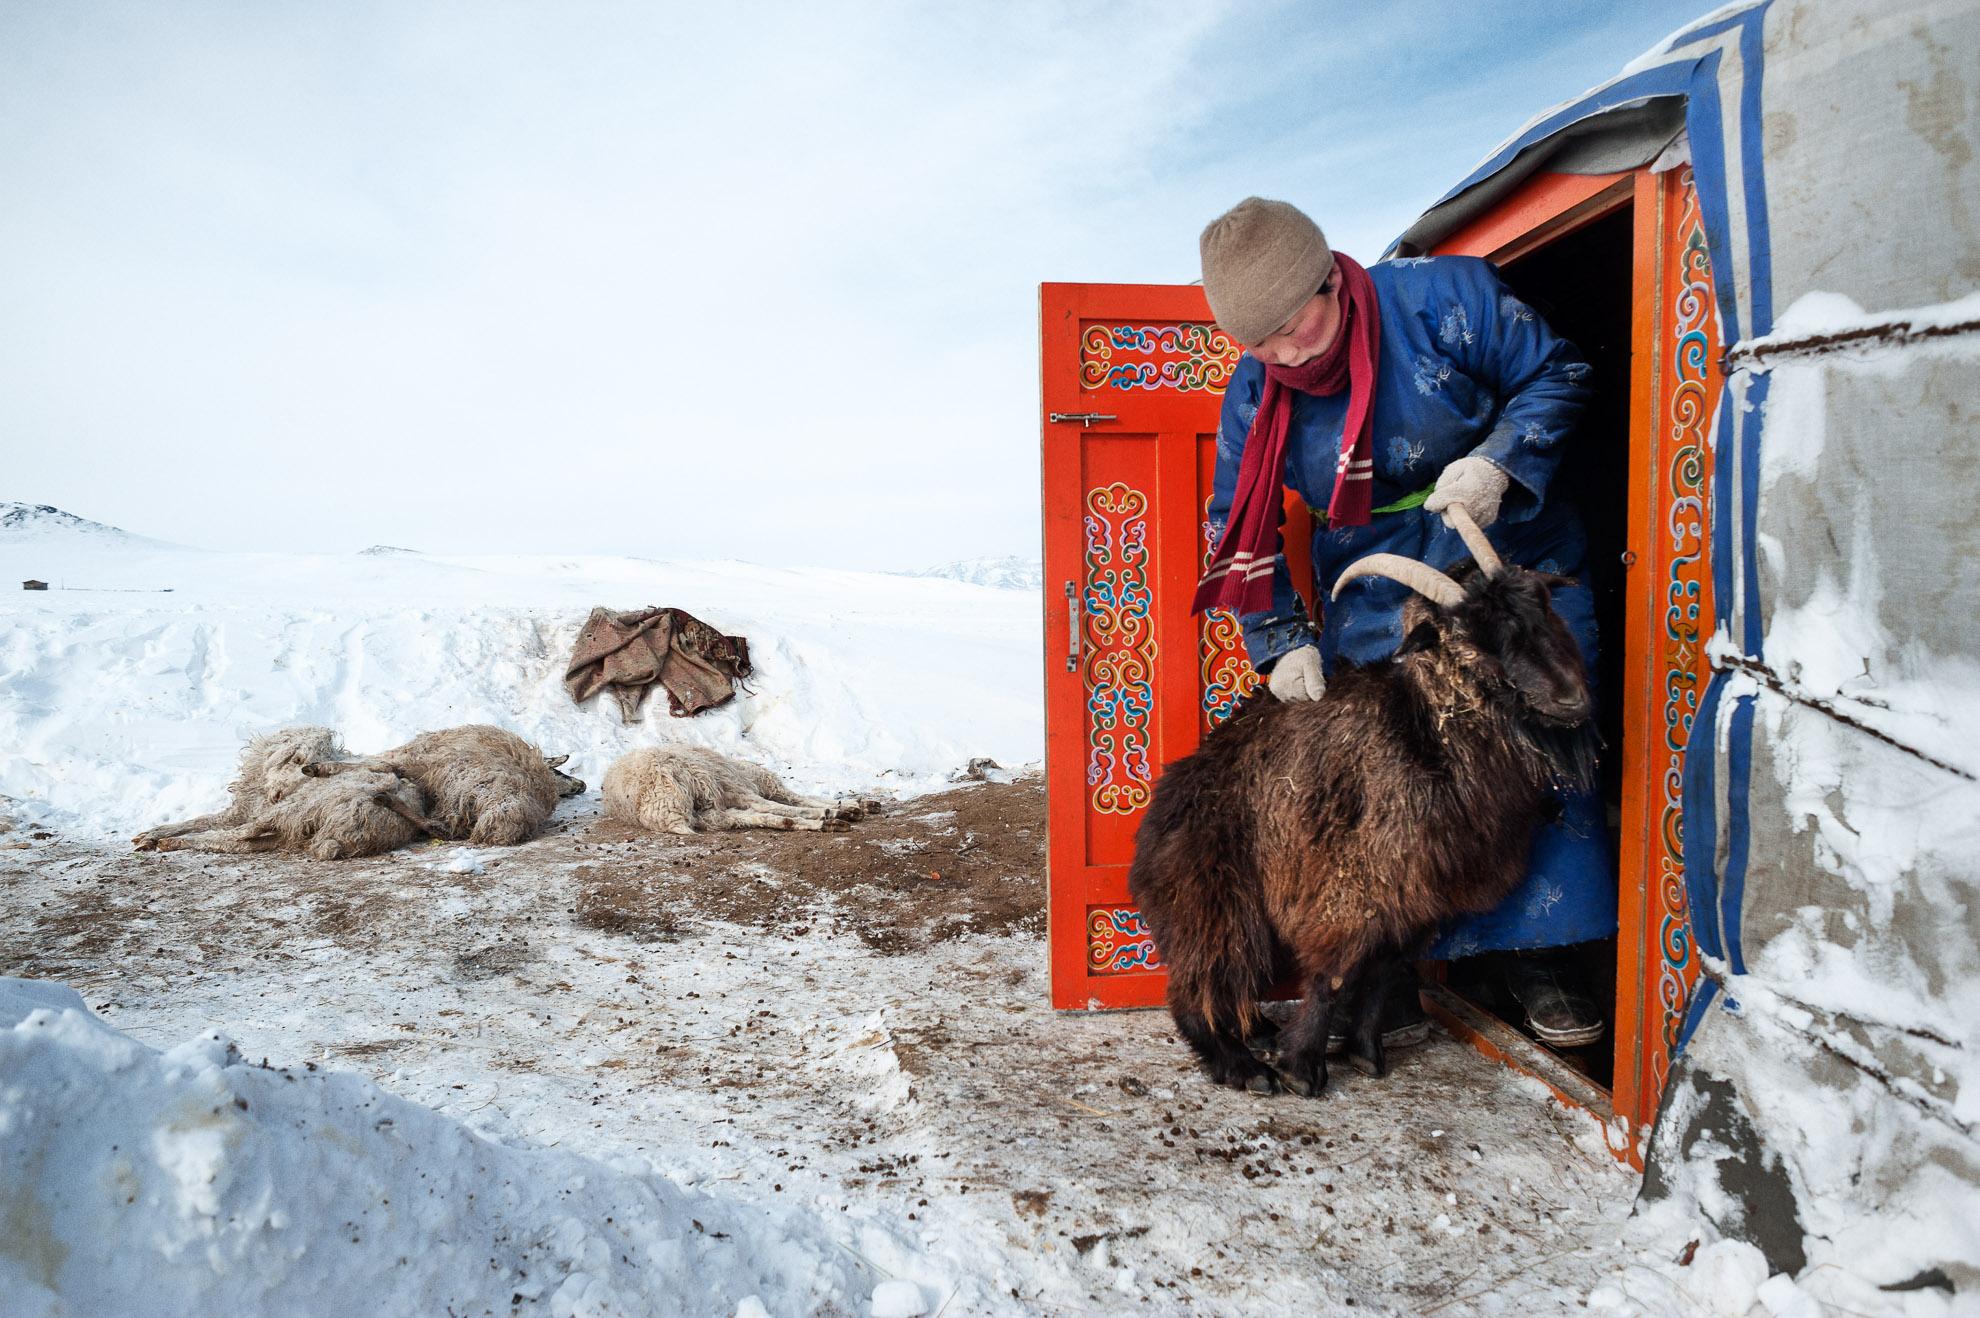 Mongolia, provincia de Arkhangay. Erdene Tuya, de 29 años, empuja desde su ger una oveja que quiere entrar, buscando un lugar más cálido. En el fondo, algunas ovejas muertas. En la provincia mongola de Arkhangai, la familia Tsamba vive al límite, luchando contra los duros inviernos junto a su rebaño de ovejas. Las severas condiciones invernales, conocidas como dzud, han sido las responsables de la muerte de la mitad del rebaño de la familia, que llegó a tener 2.000 ovejas, en los últimos tres inviernos. Recientemente, en busca de pastos más cálidos, los Tsambas se trasladaron desde la provincia de Bulgan, en el norte, a esta región cercana a un pueblo del centro de Mongolia llamado Ulziit.